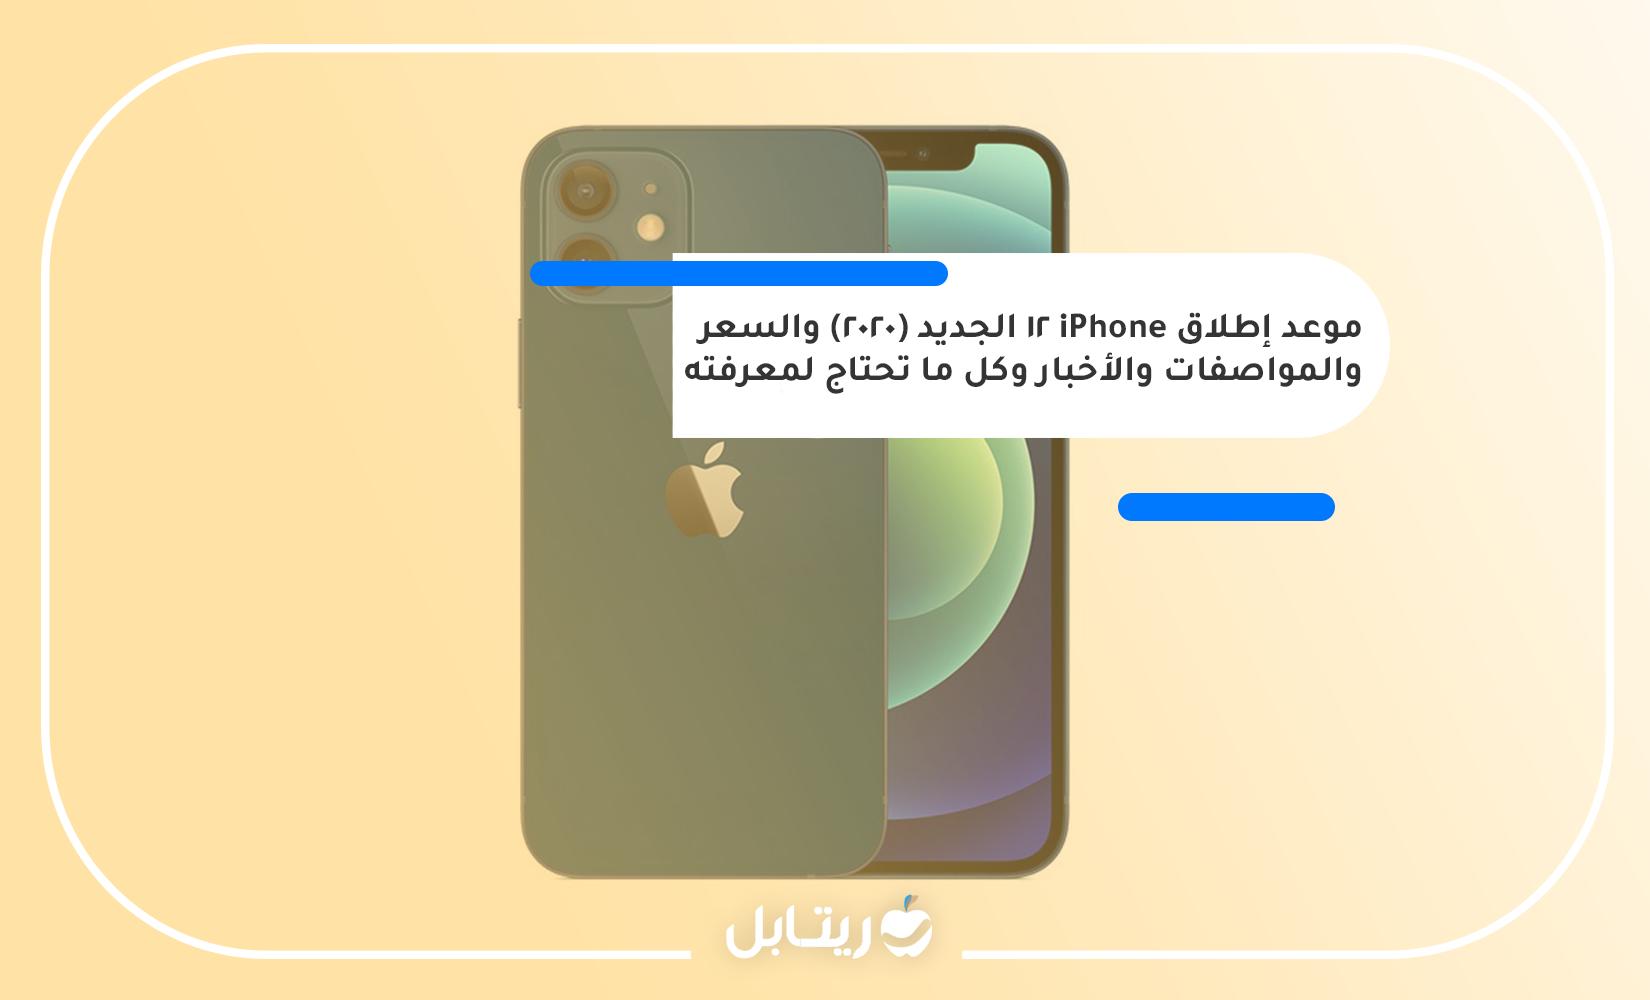 موعد إطلاق iPhone 12 الجديد (2020) والسعر والمواصفات والأخبار وكل ما تحتاج لمعرفته